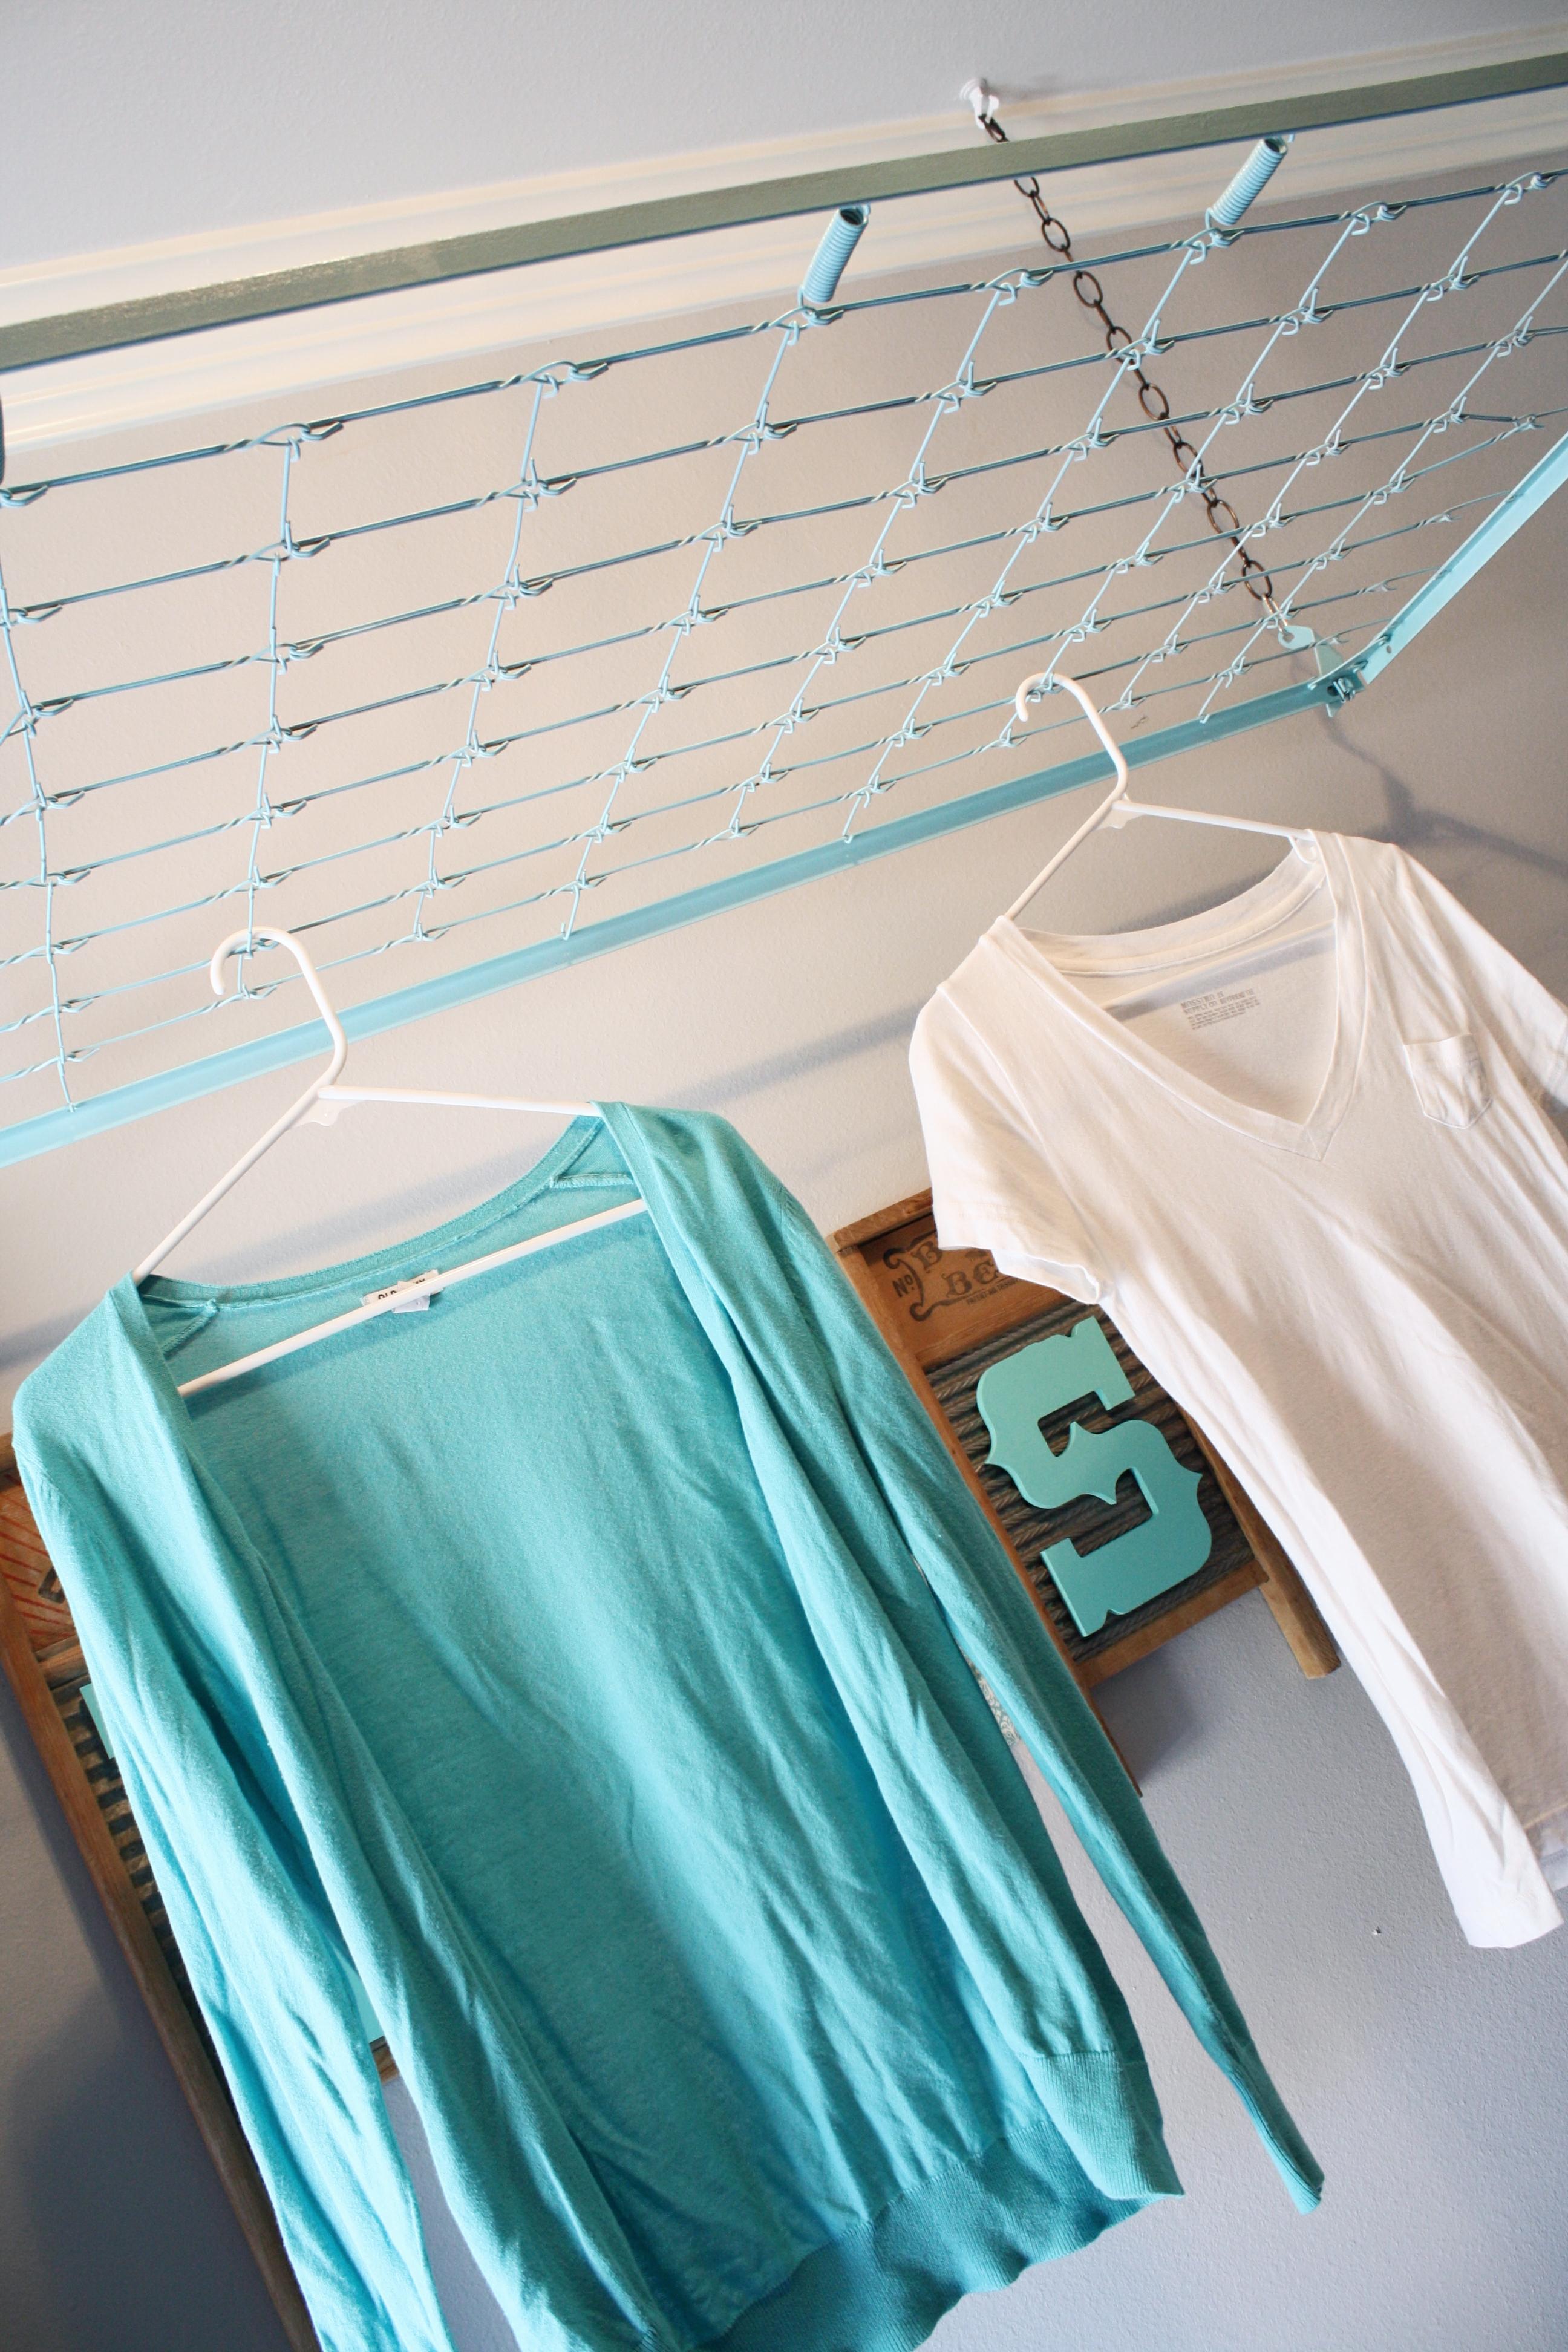 crib spring drying rack wash room decor. Black Bedroom Furniture Sets. Home Design Ideas